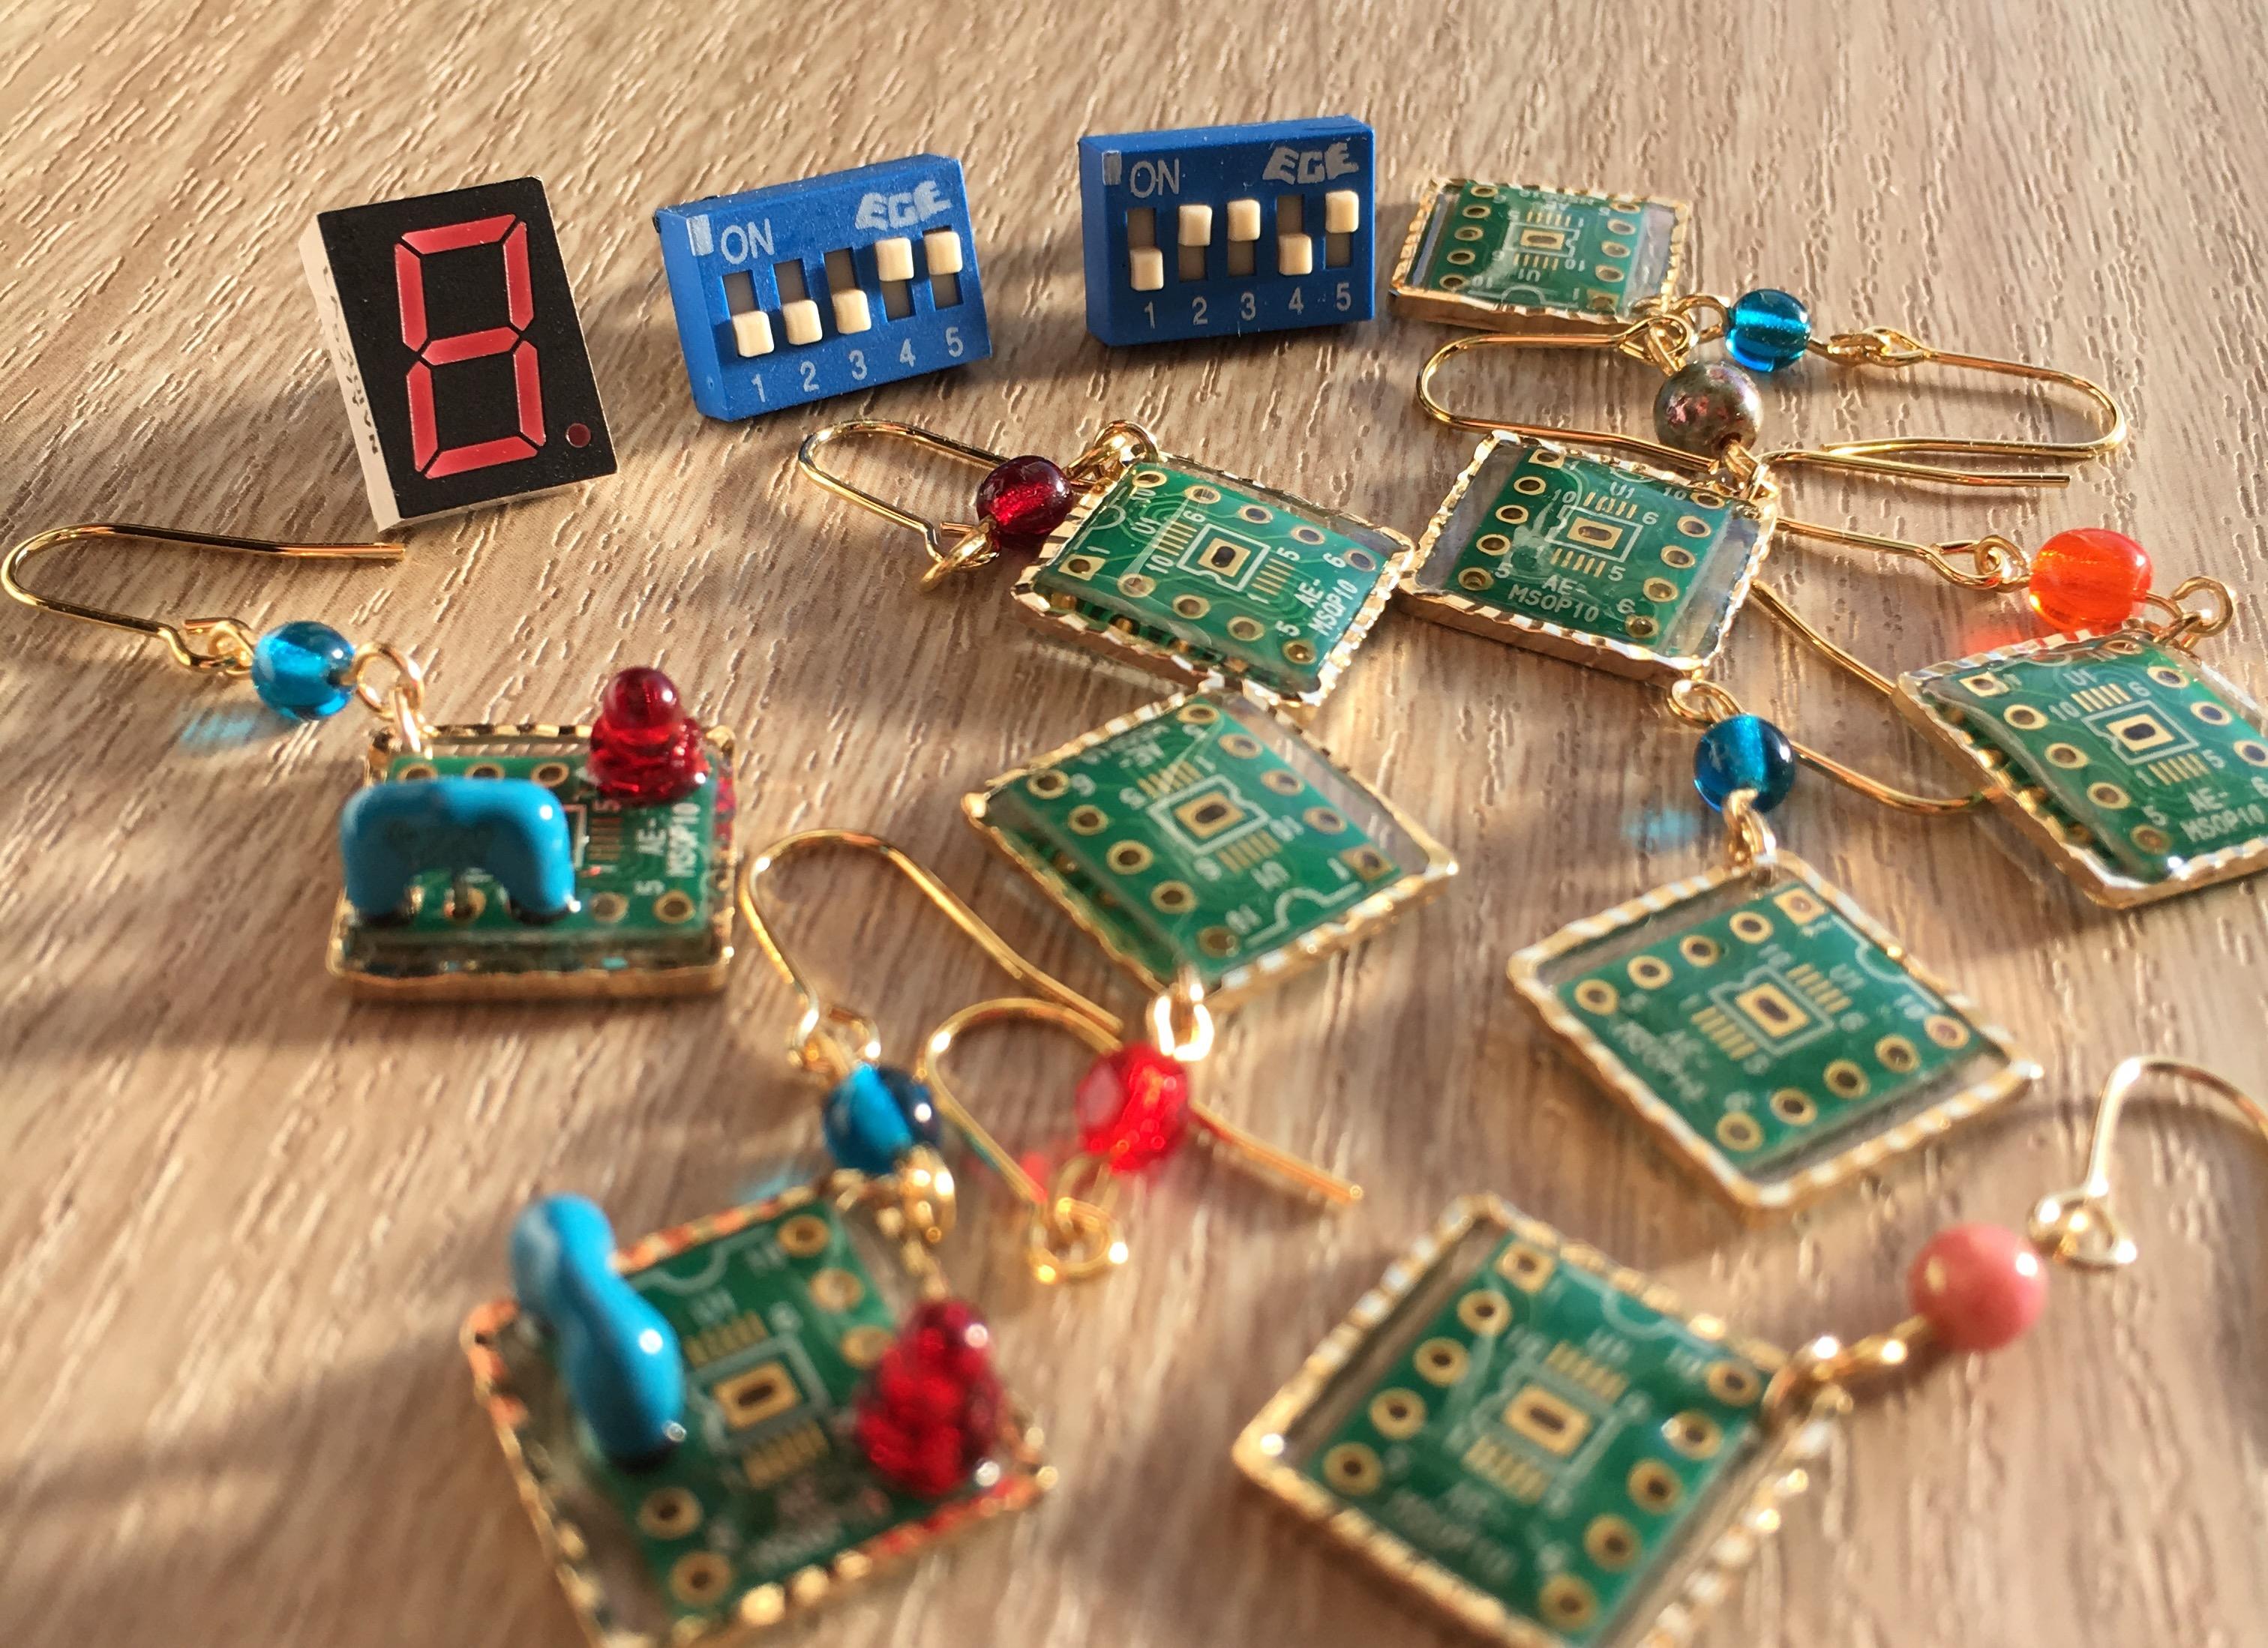 【第1回】電子部品アクセサリー「すいラボ」オープンプロジェクト